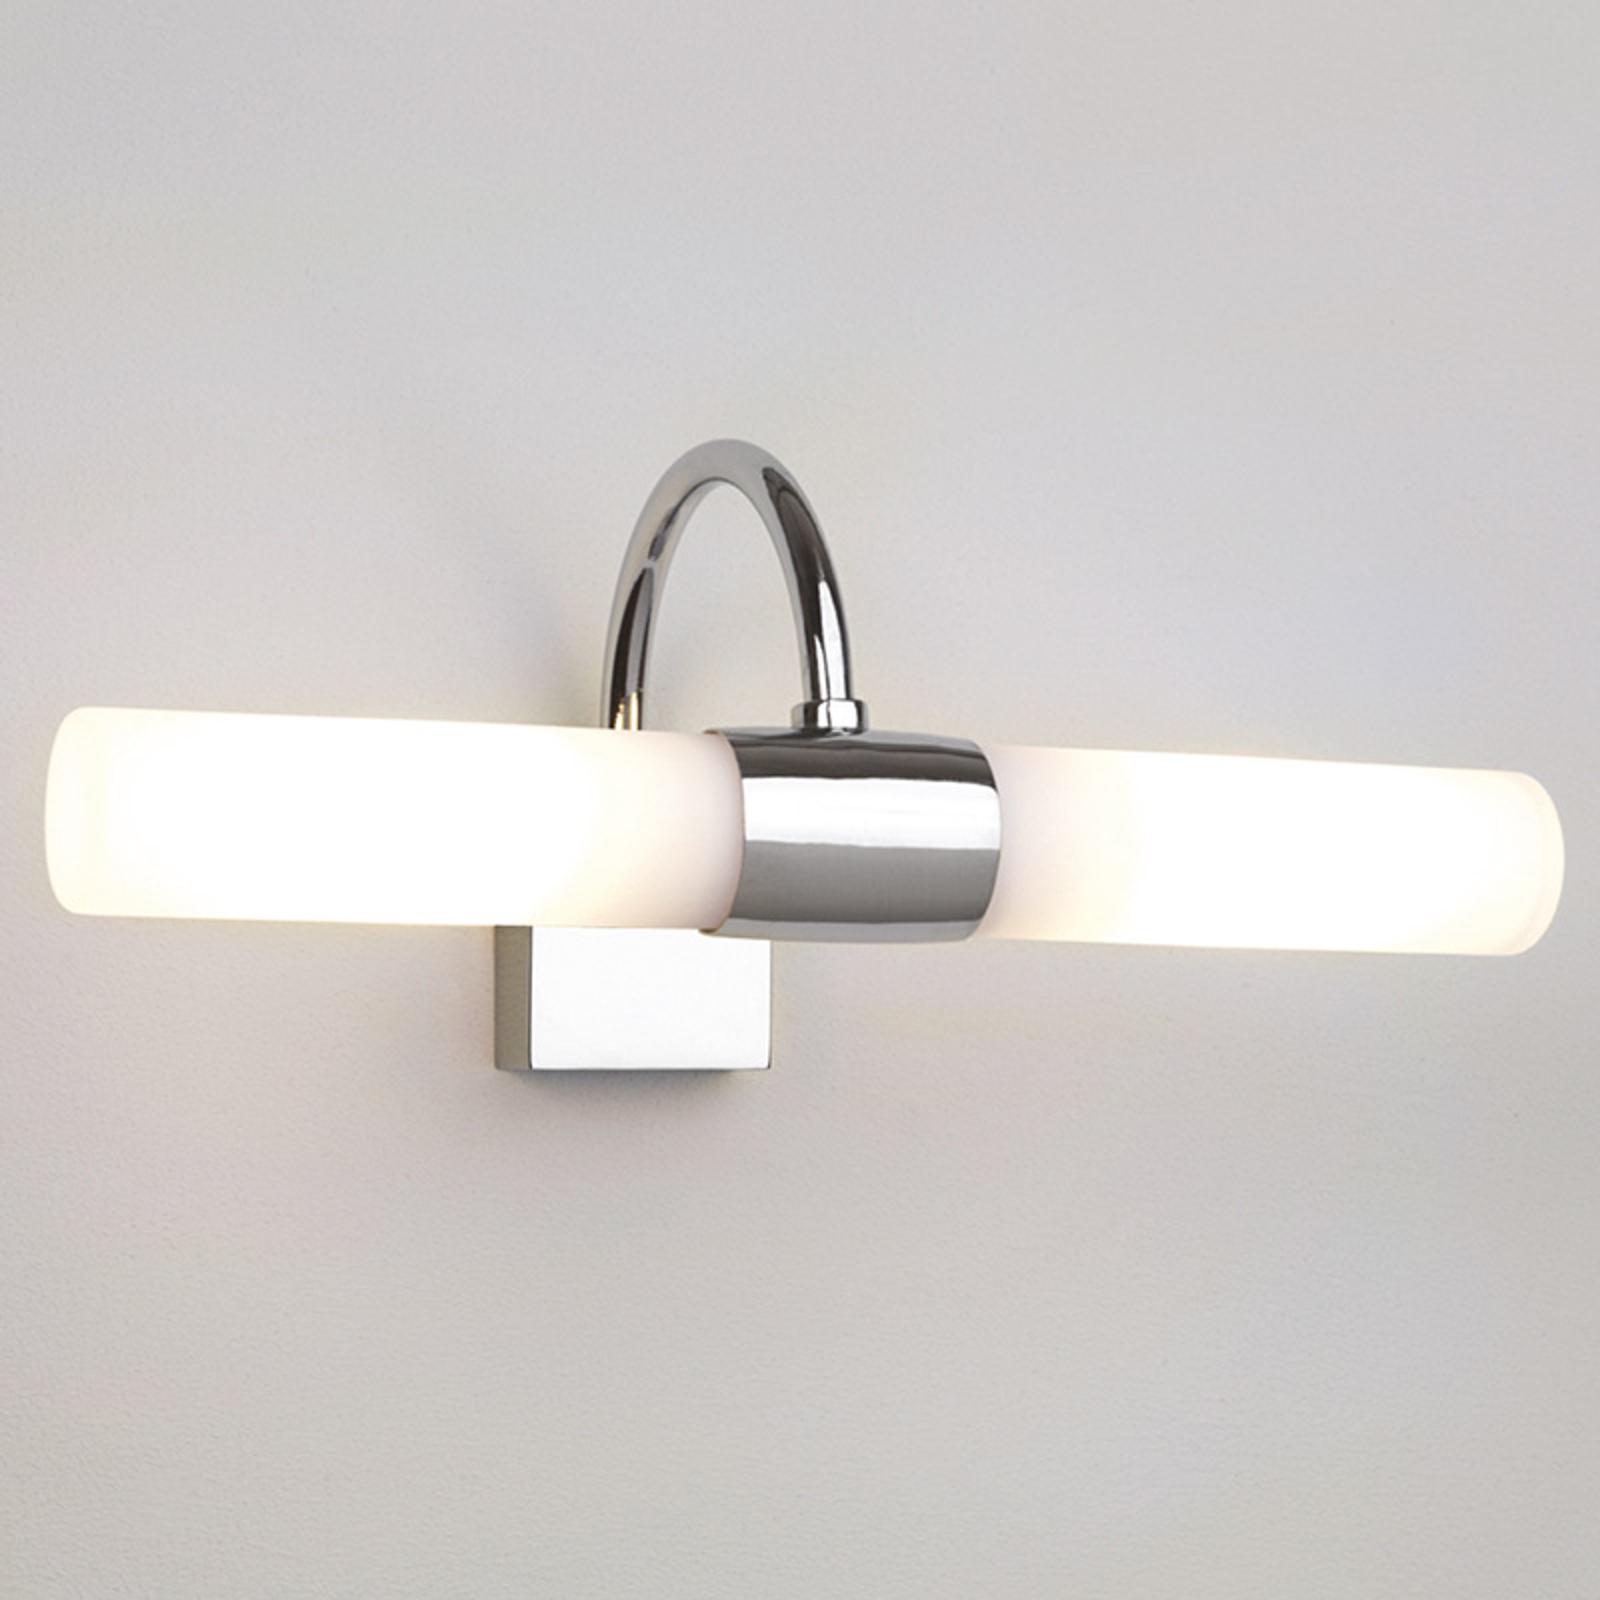 Biała lampa ścienna DAYTON do lustra